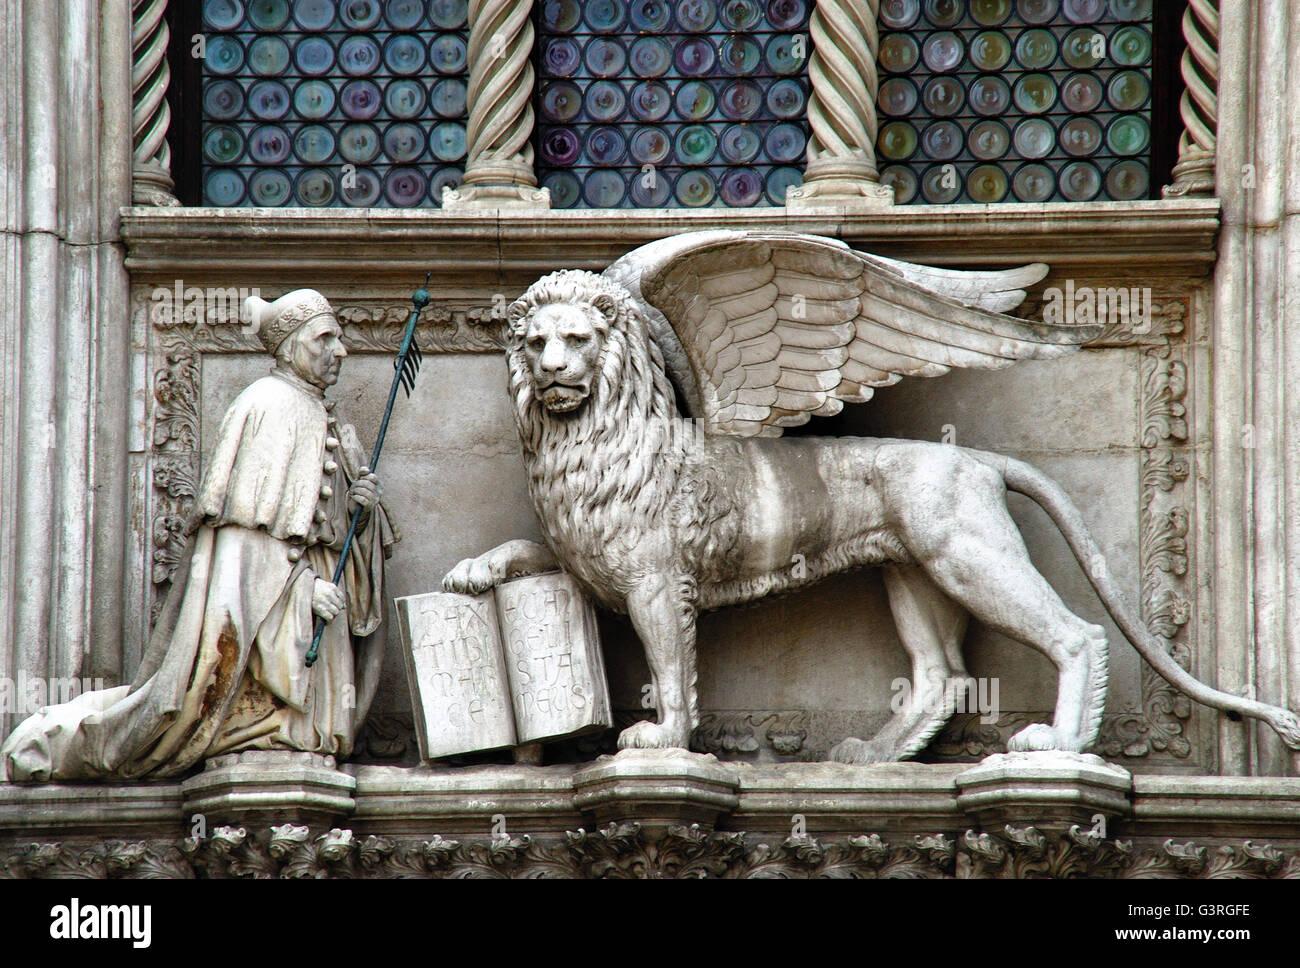 Venezia italia palazzo ducale dettaglio il doge for Il tuo account e stato attaccato